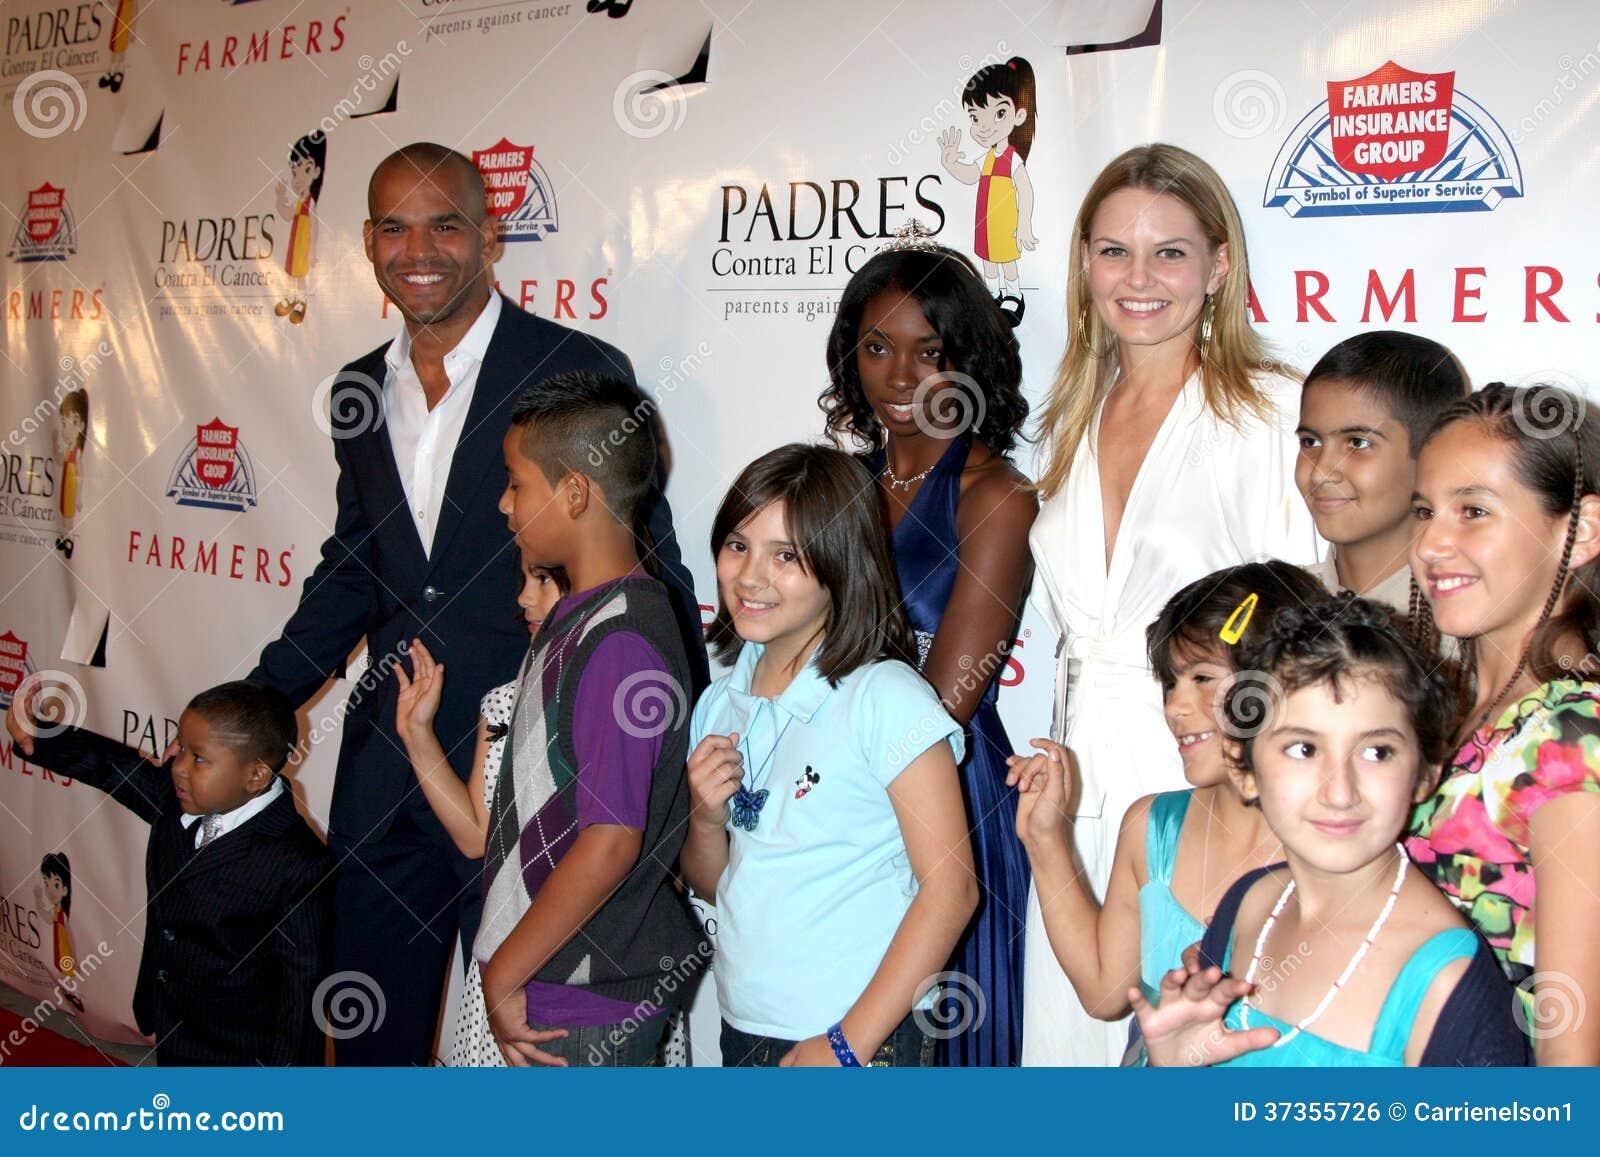 Amaury nolasco dating Jennifer Morrison dating ryggmargsskade